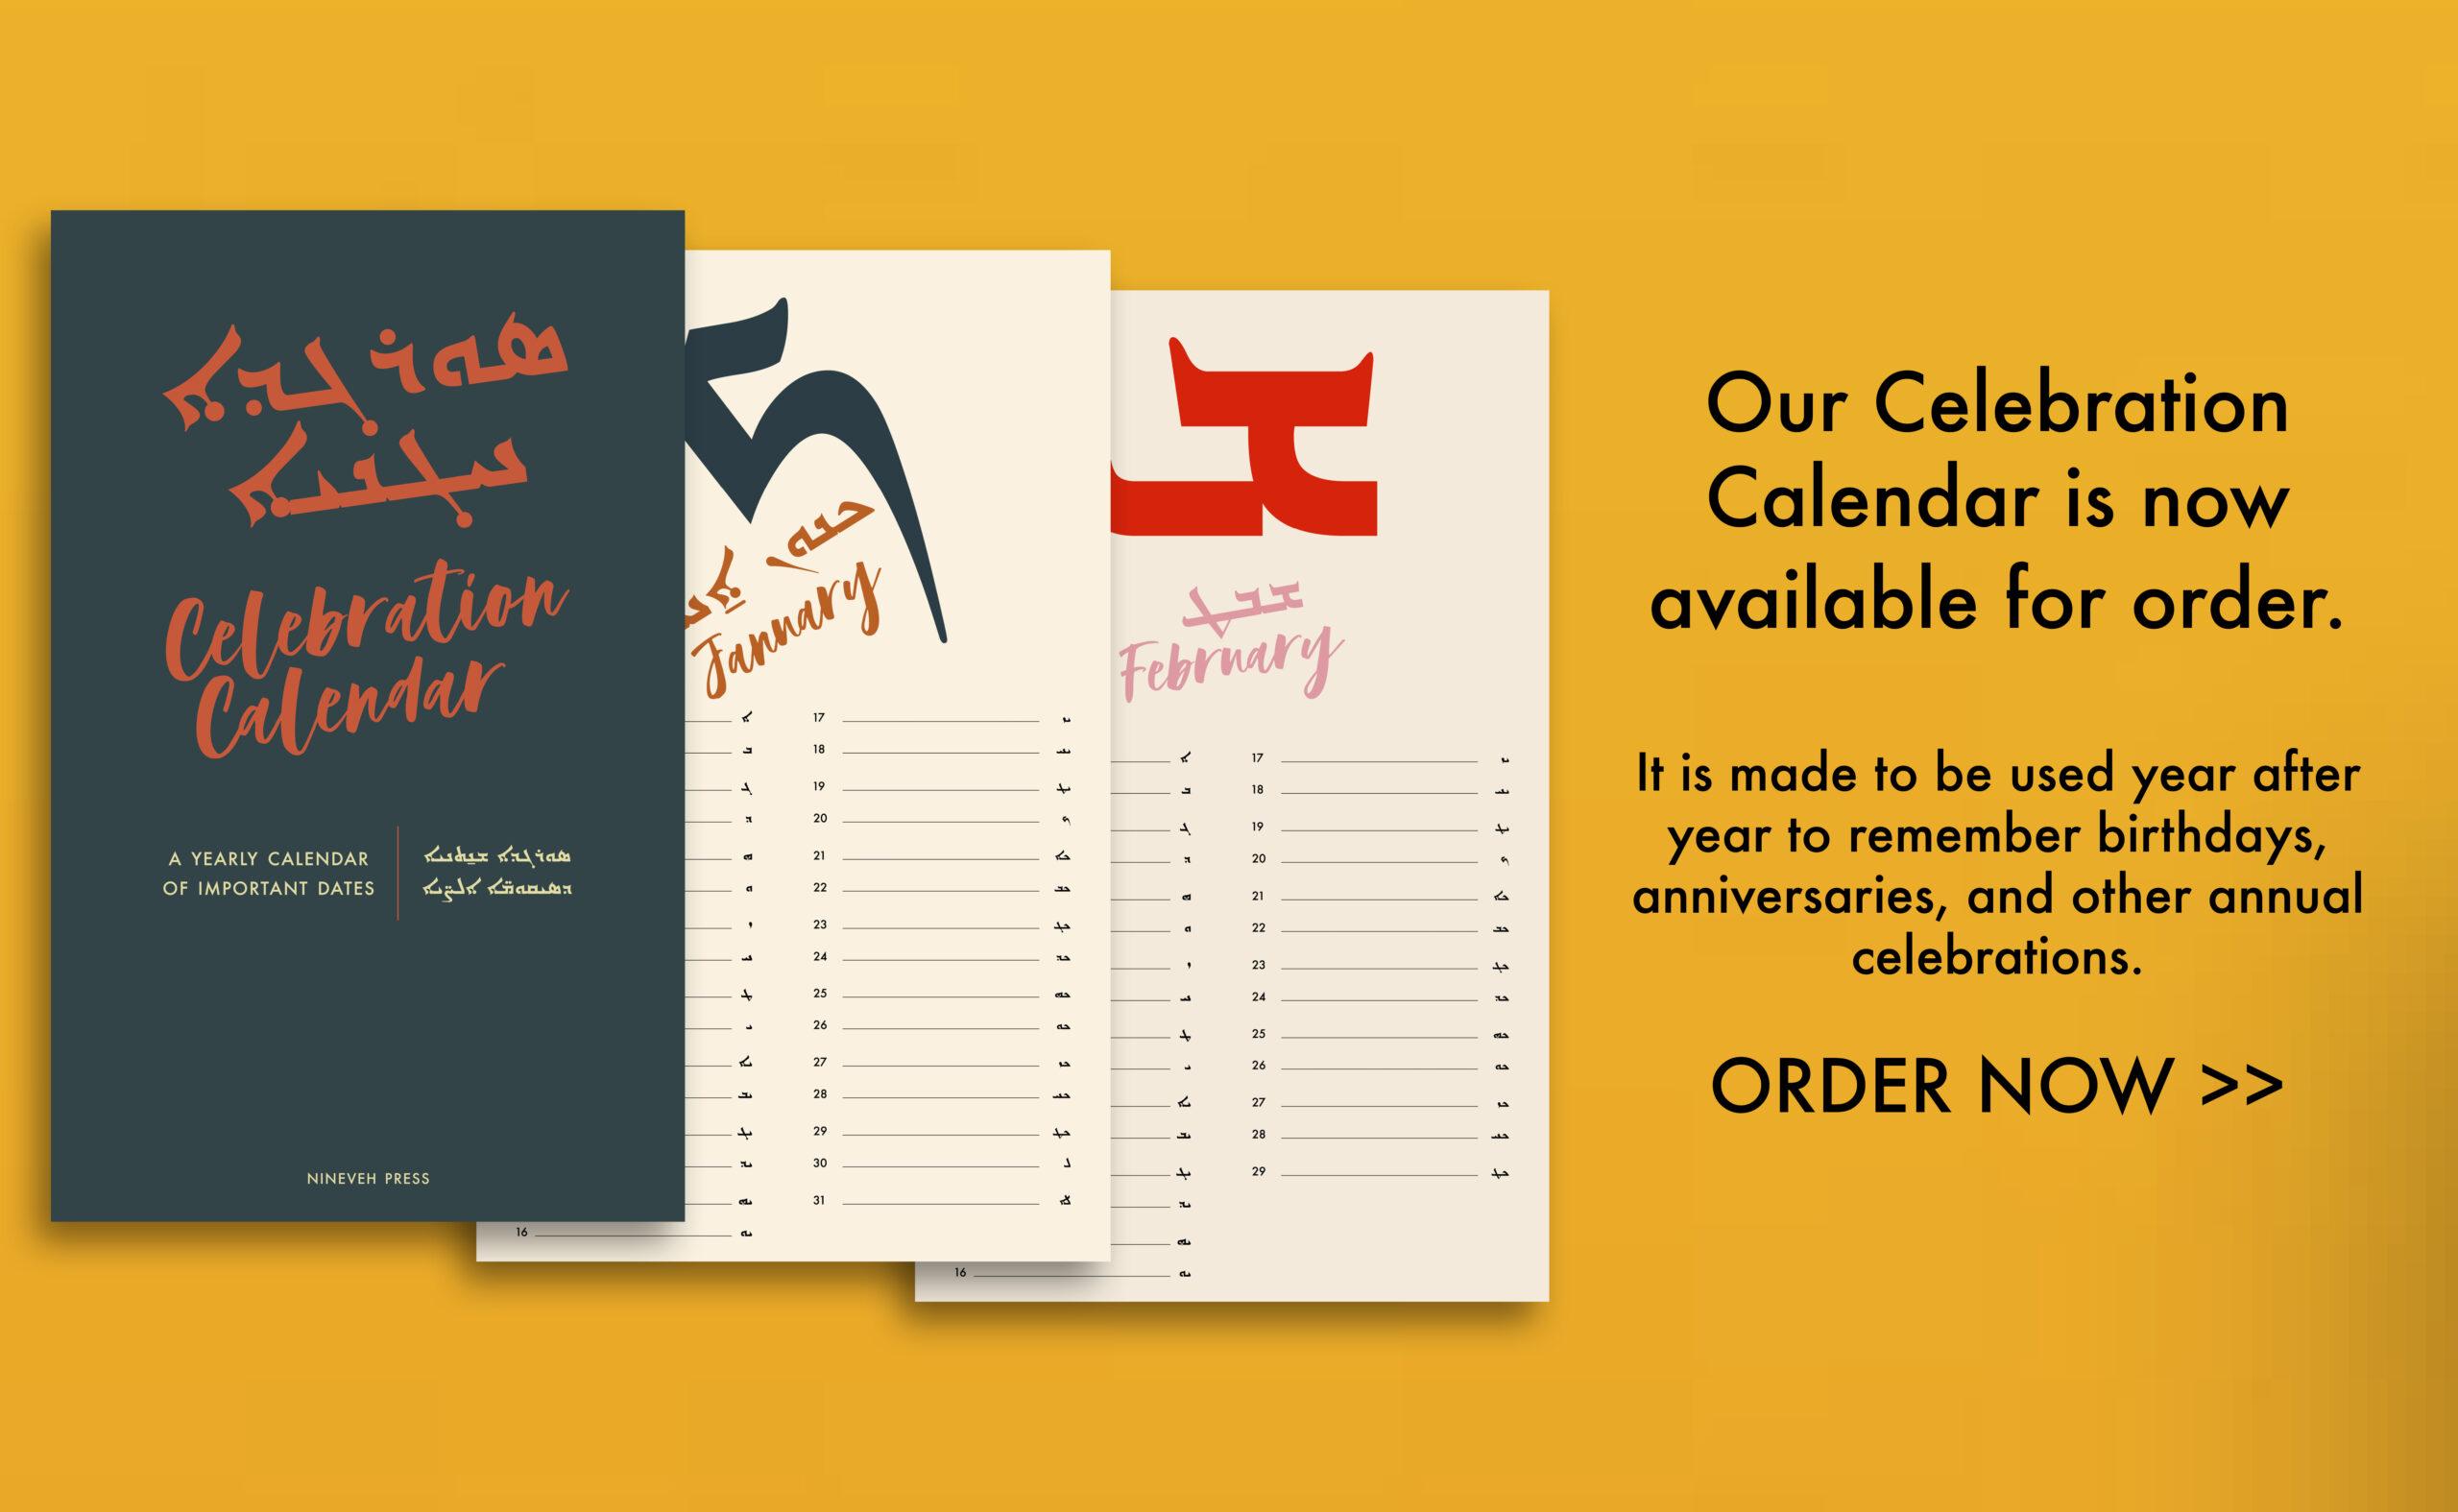 np_celebration-calendar_2021_webb-dubbel-3